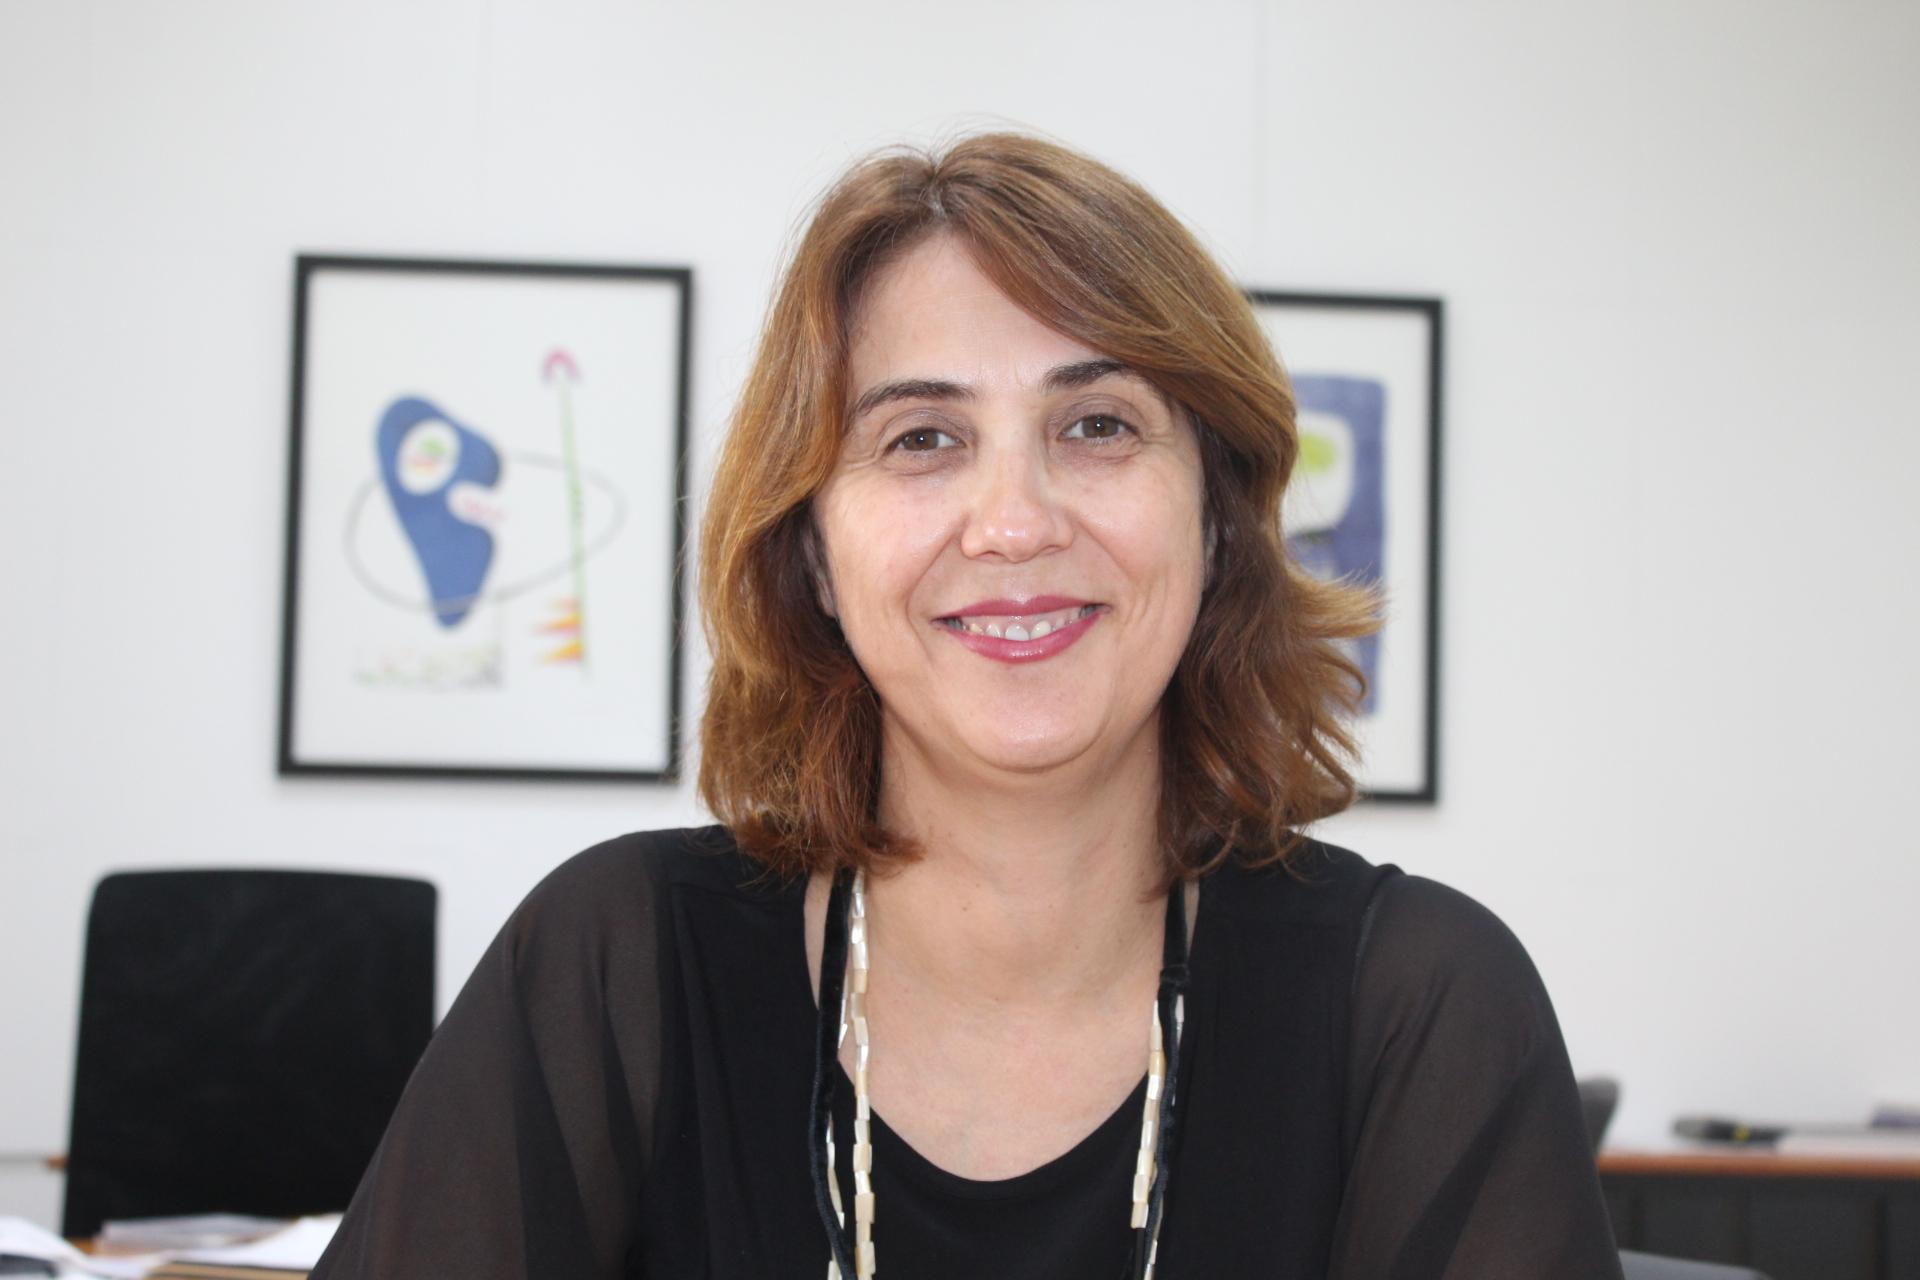 Elsa Escobar demite-se do cargo de presidente da CPCJ de Macedo de Cavaleiros